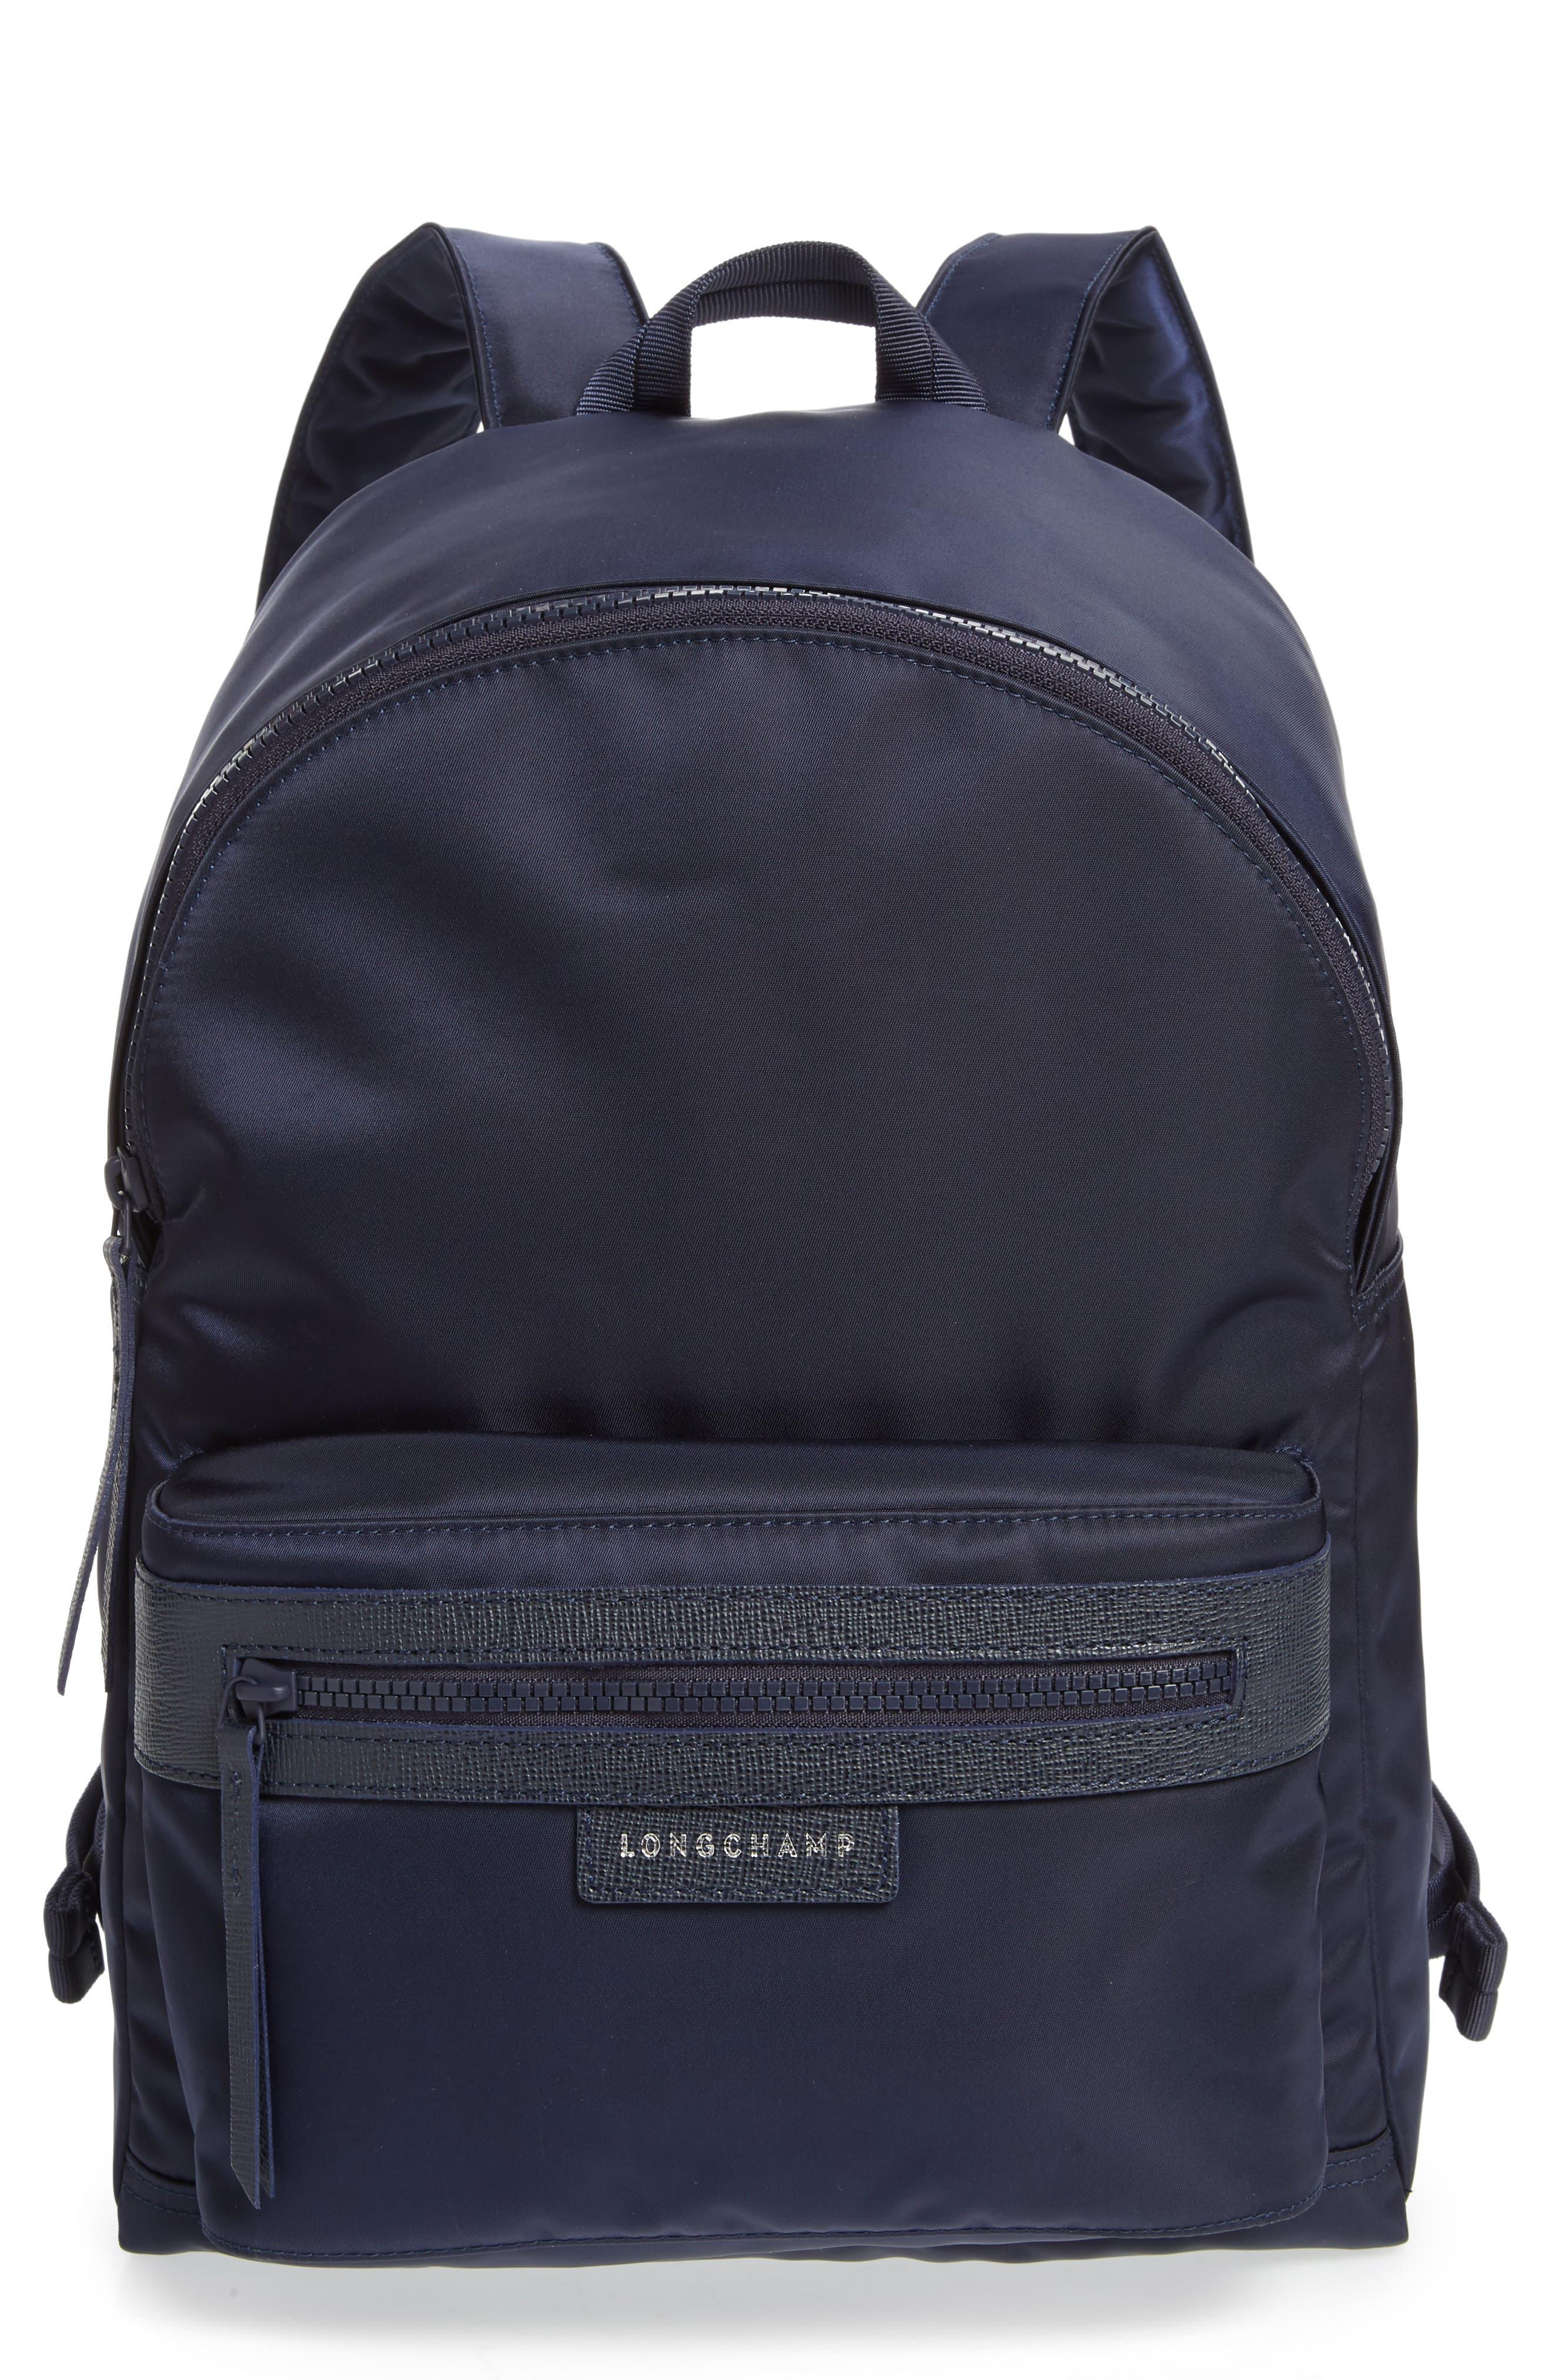 LONGCHAMP 'Le Pliage Neo' Nylon Backpack, Main, color, NAVY BLUE